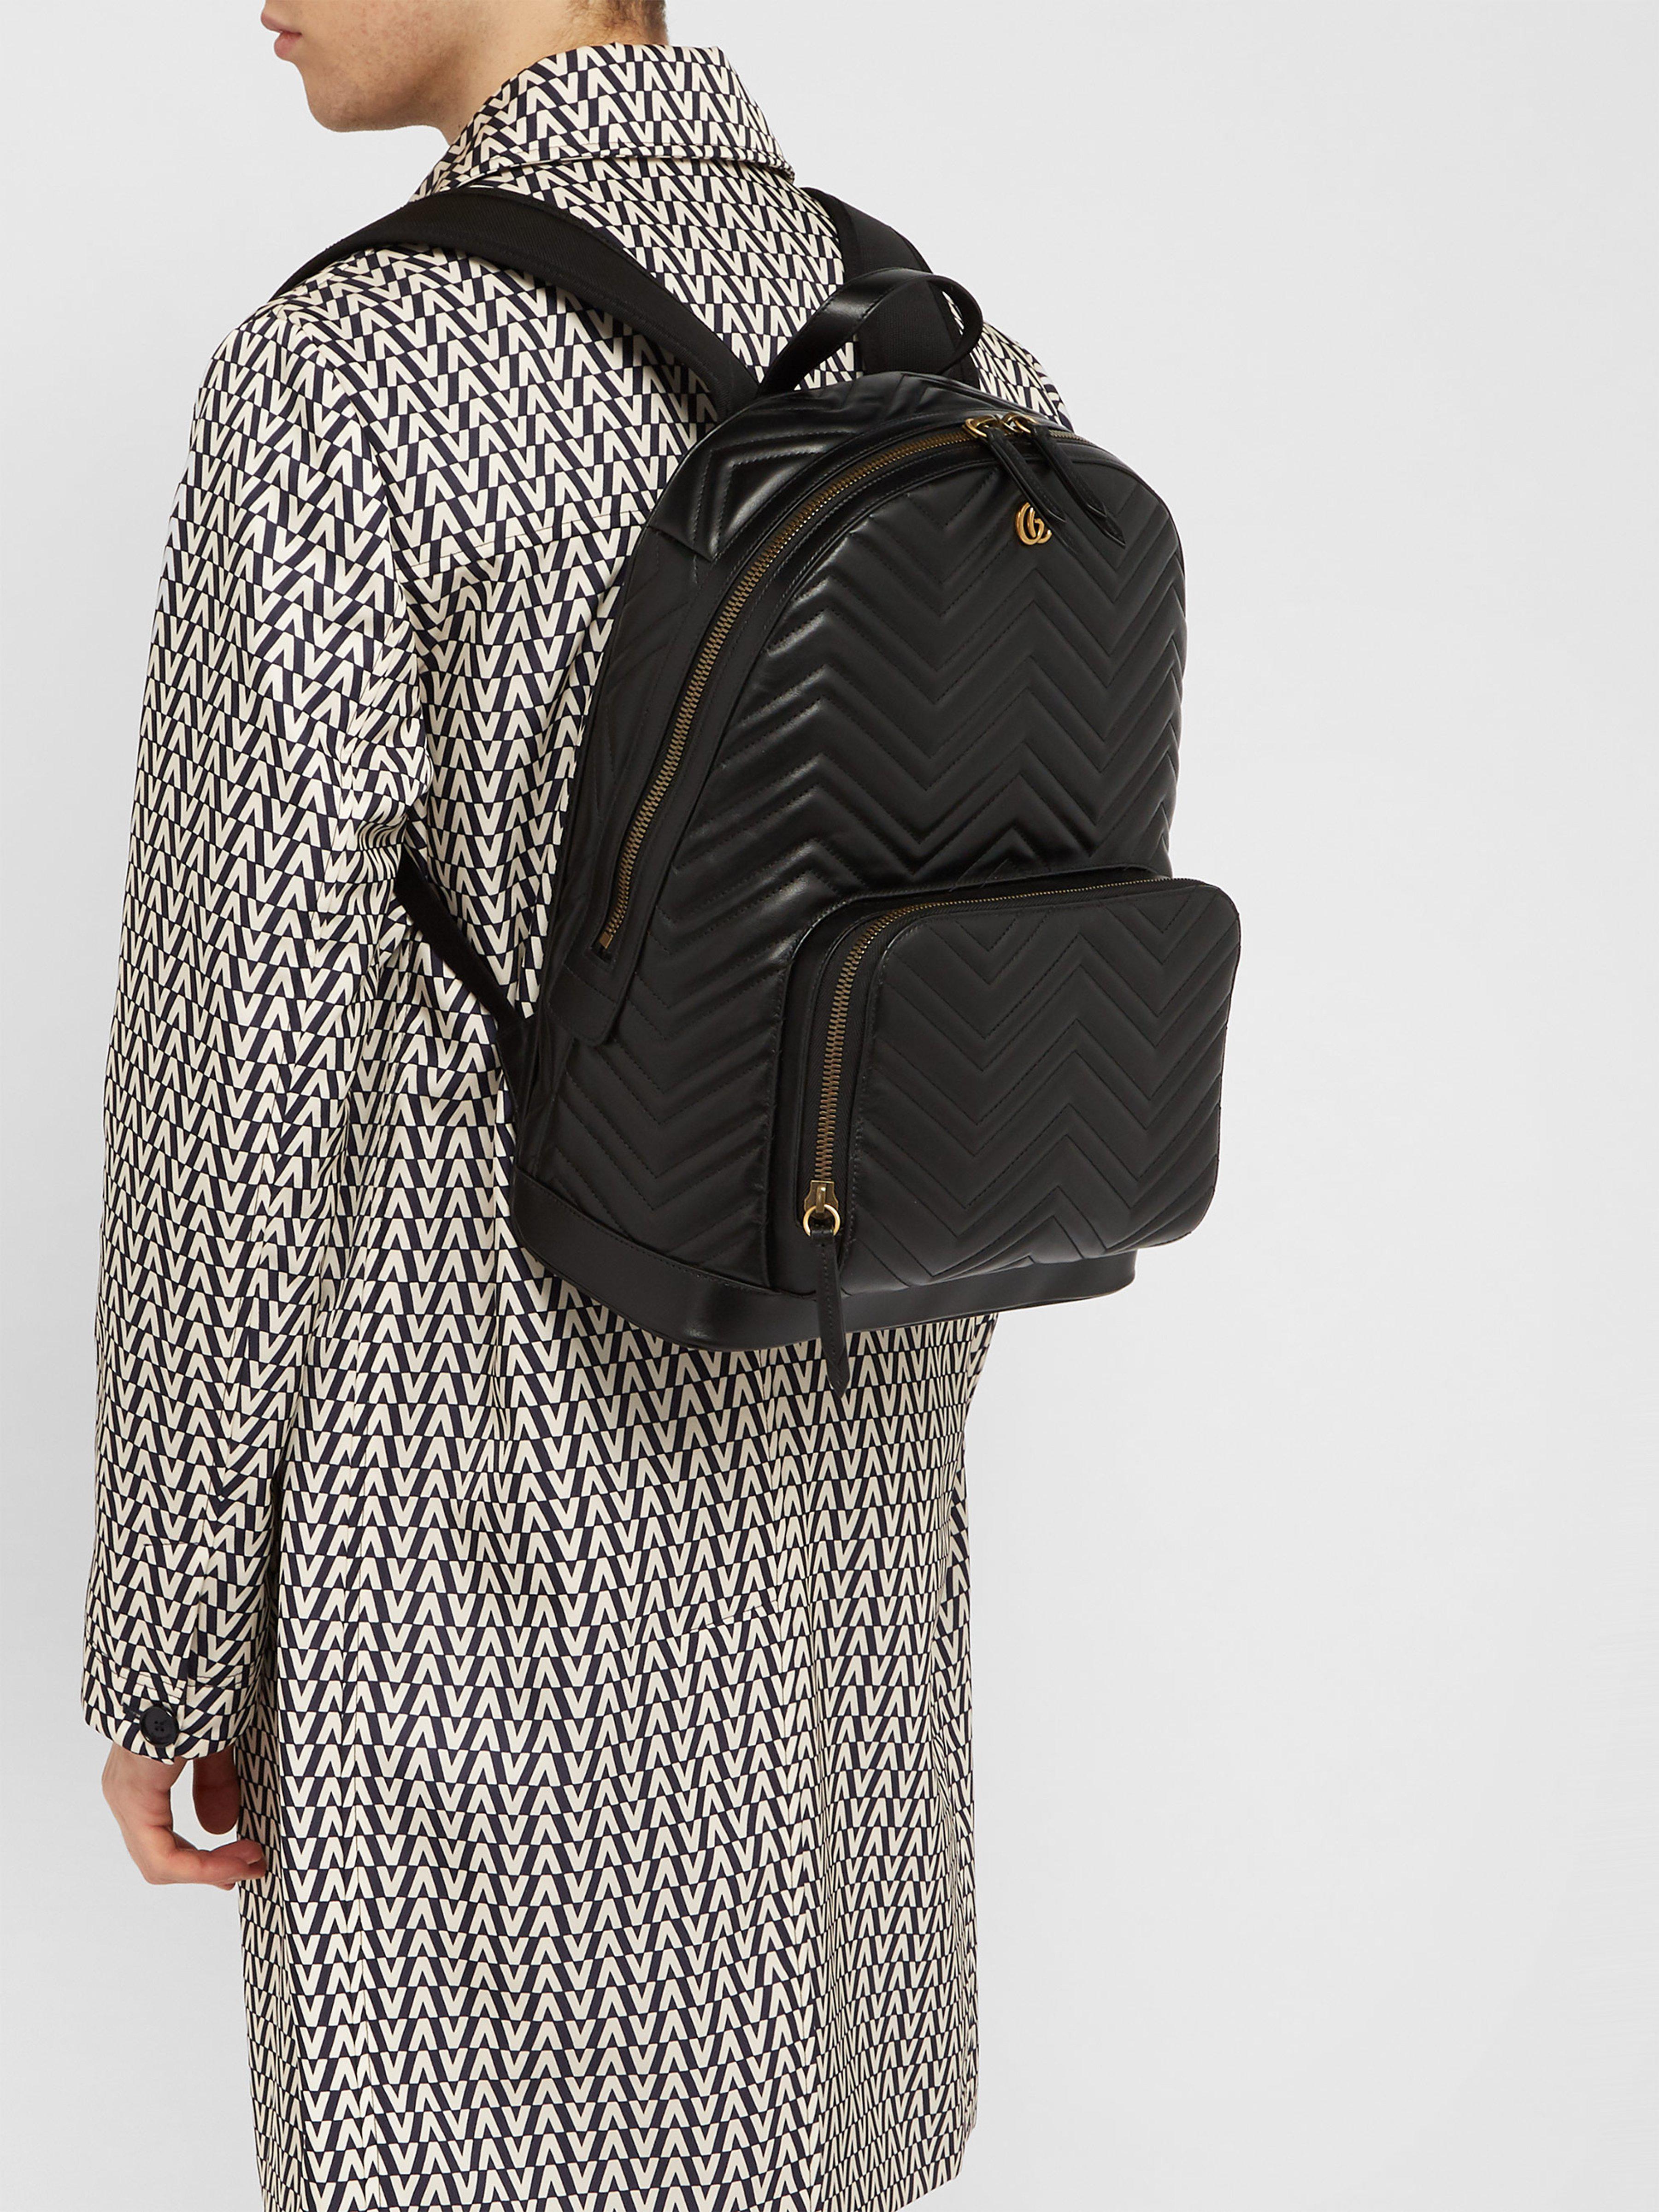 22716d09edcb Lyst - Sac à dos en cuir Marmont Gucci pour homme en coloris Noir